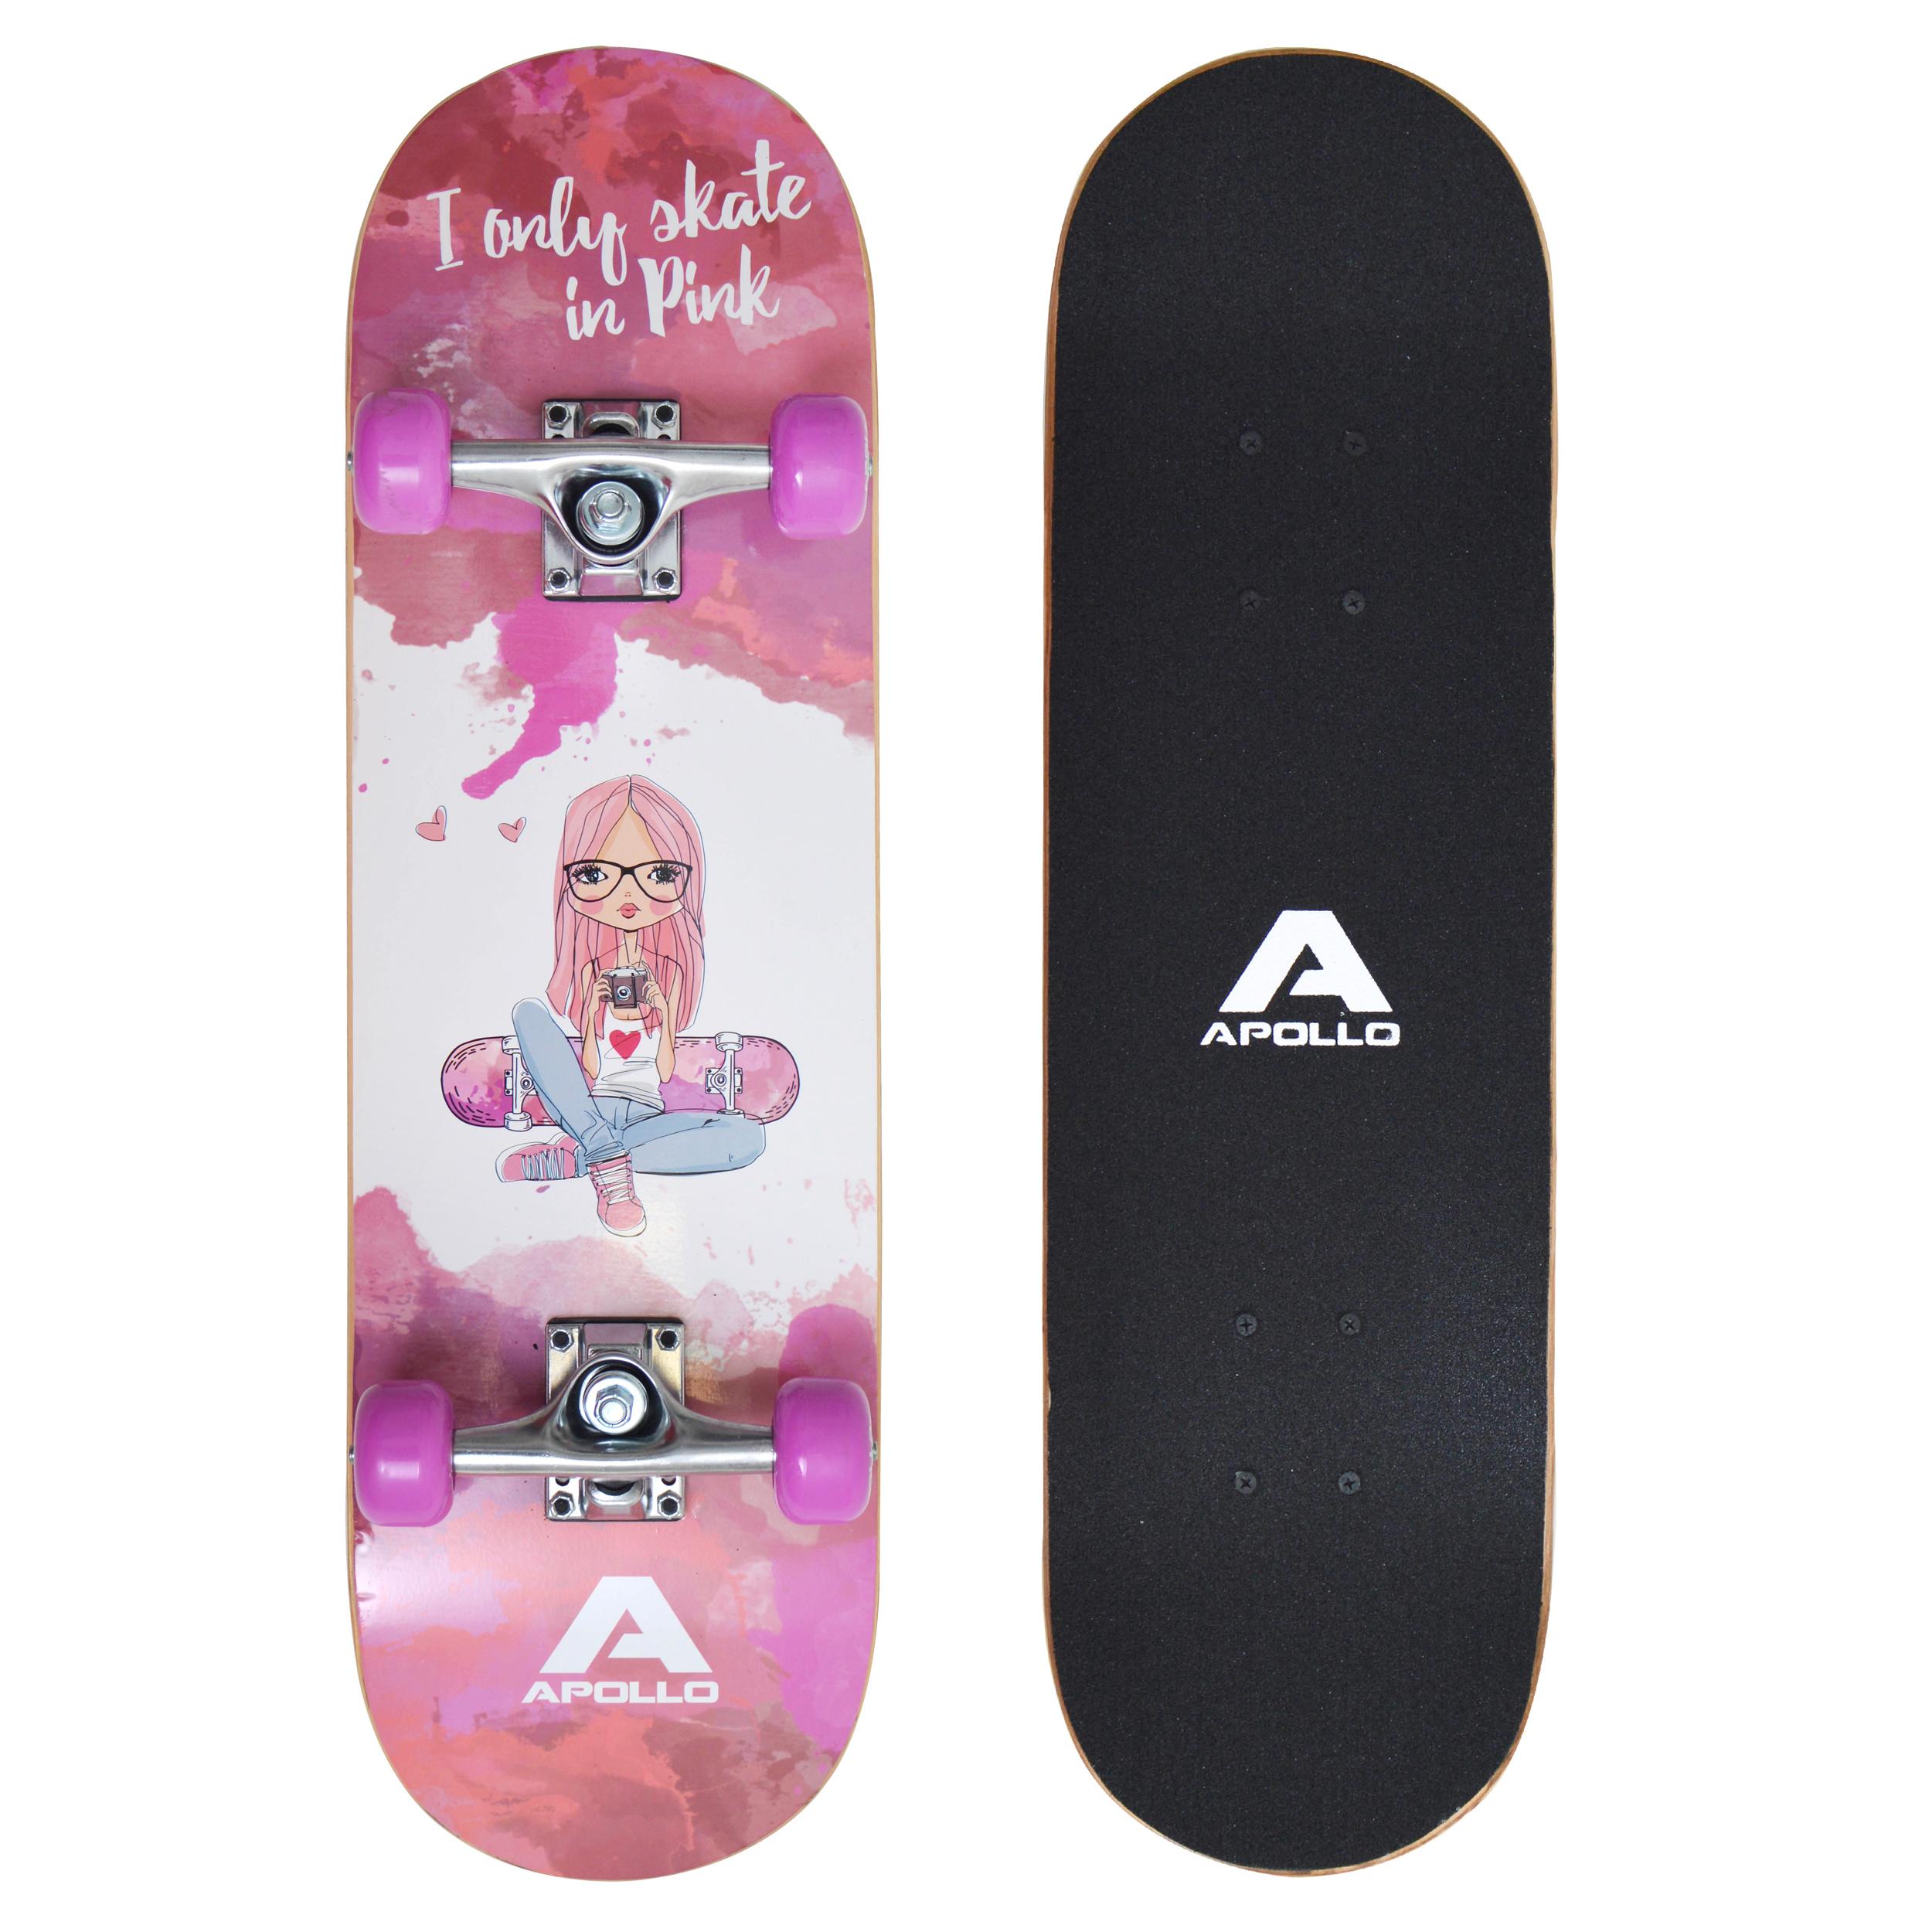 Apollo Skateboard - Skaterprincess - Kinderskateboard 71cm